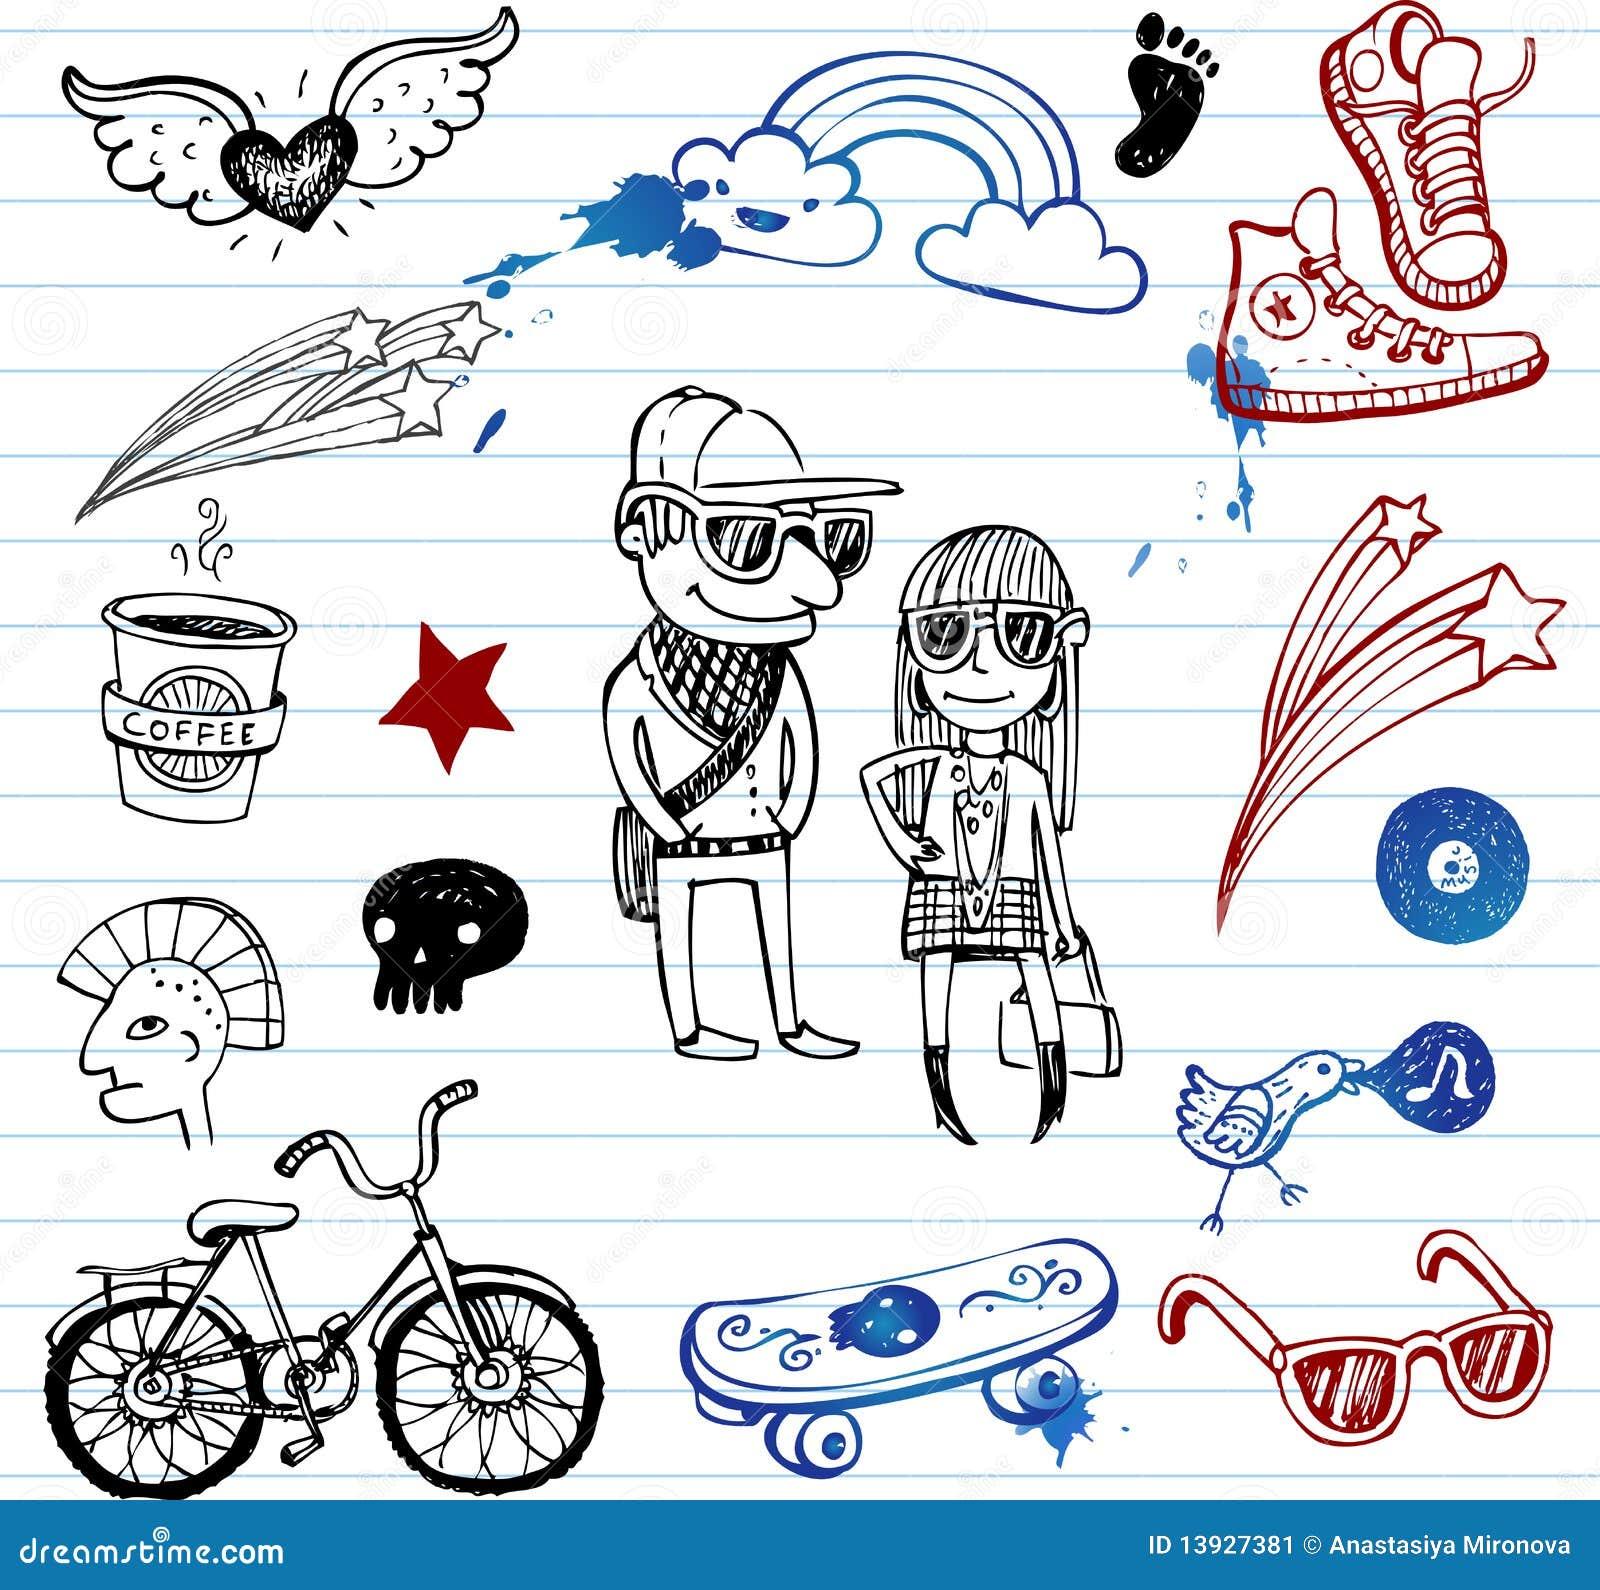 emoji wallpaper free download